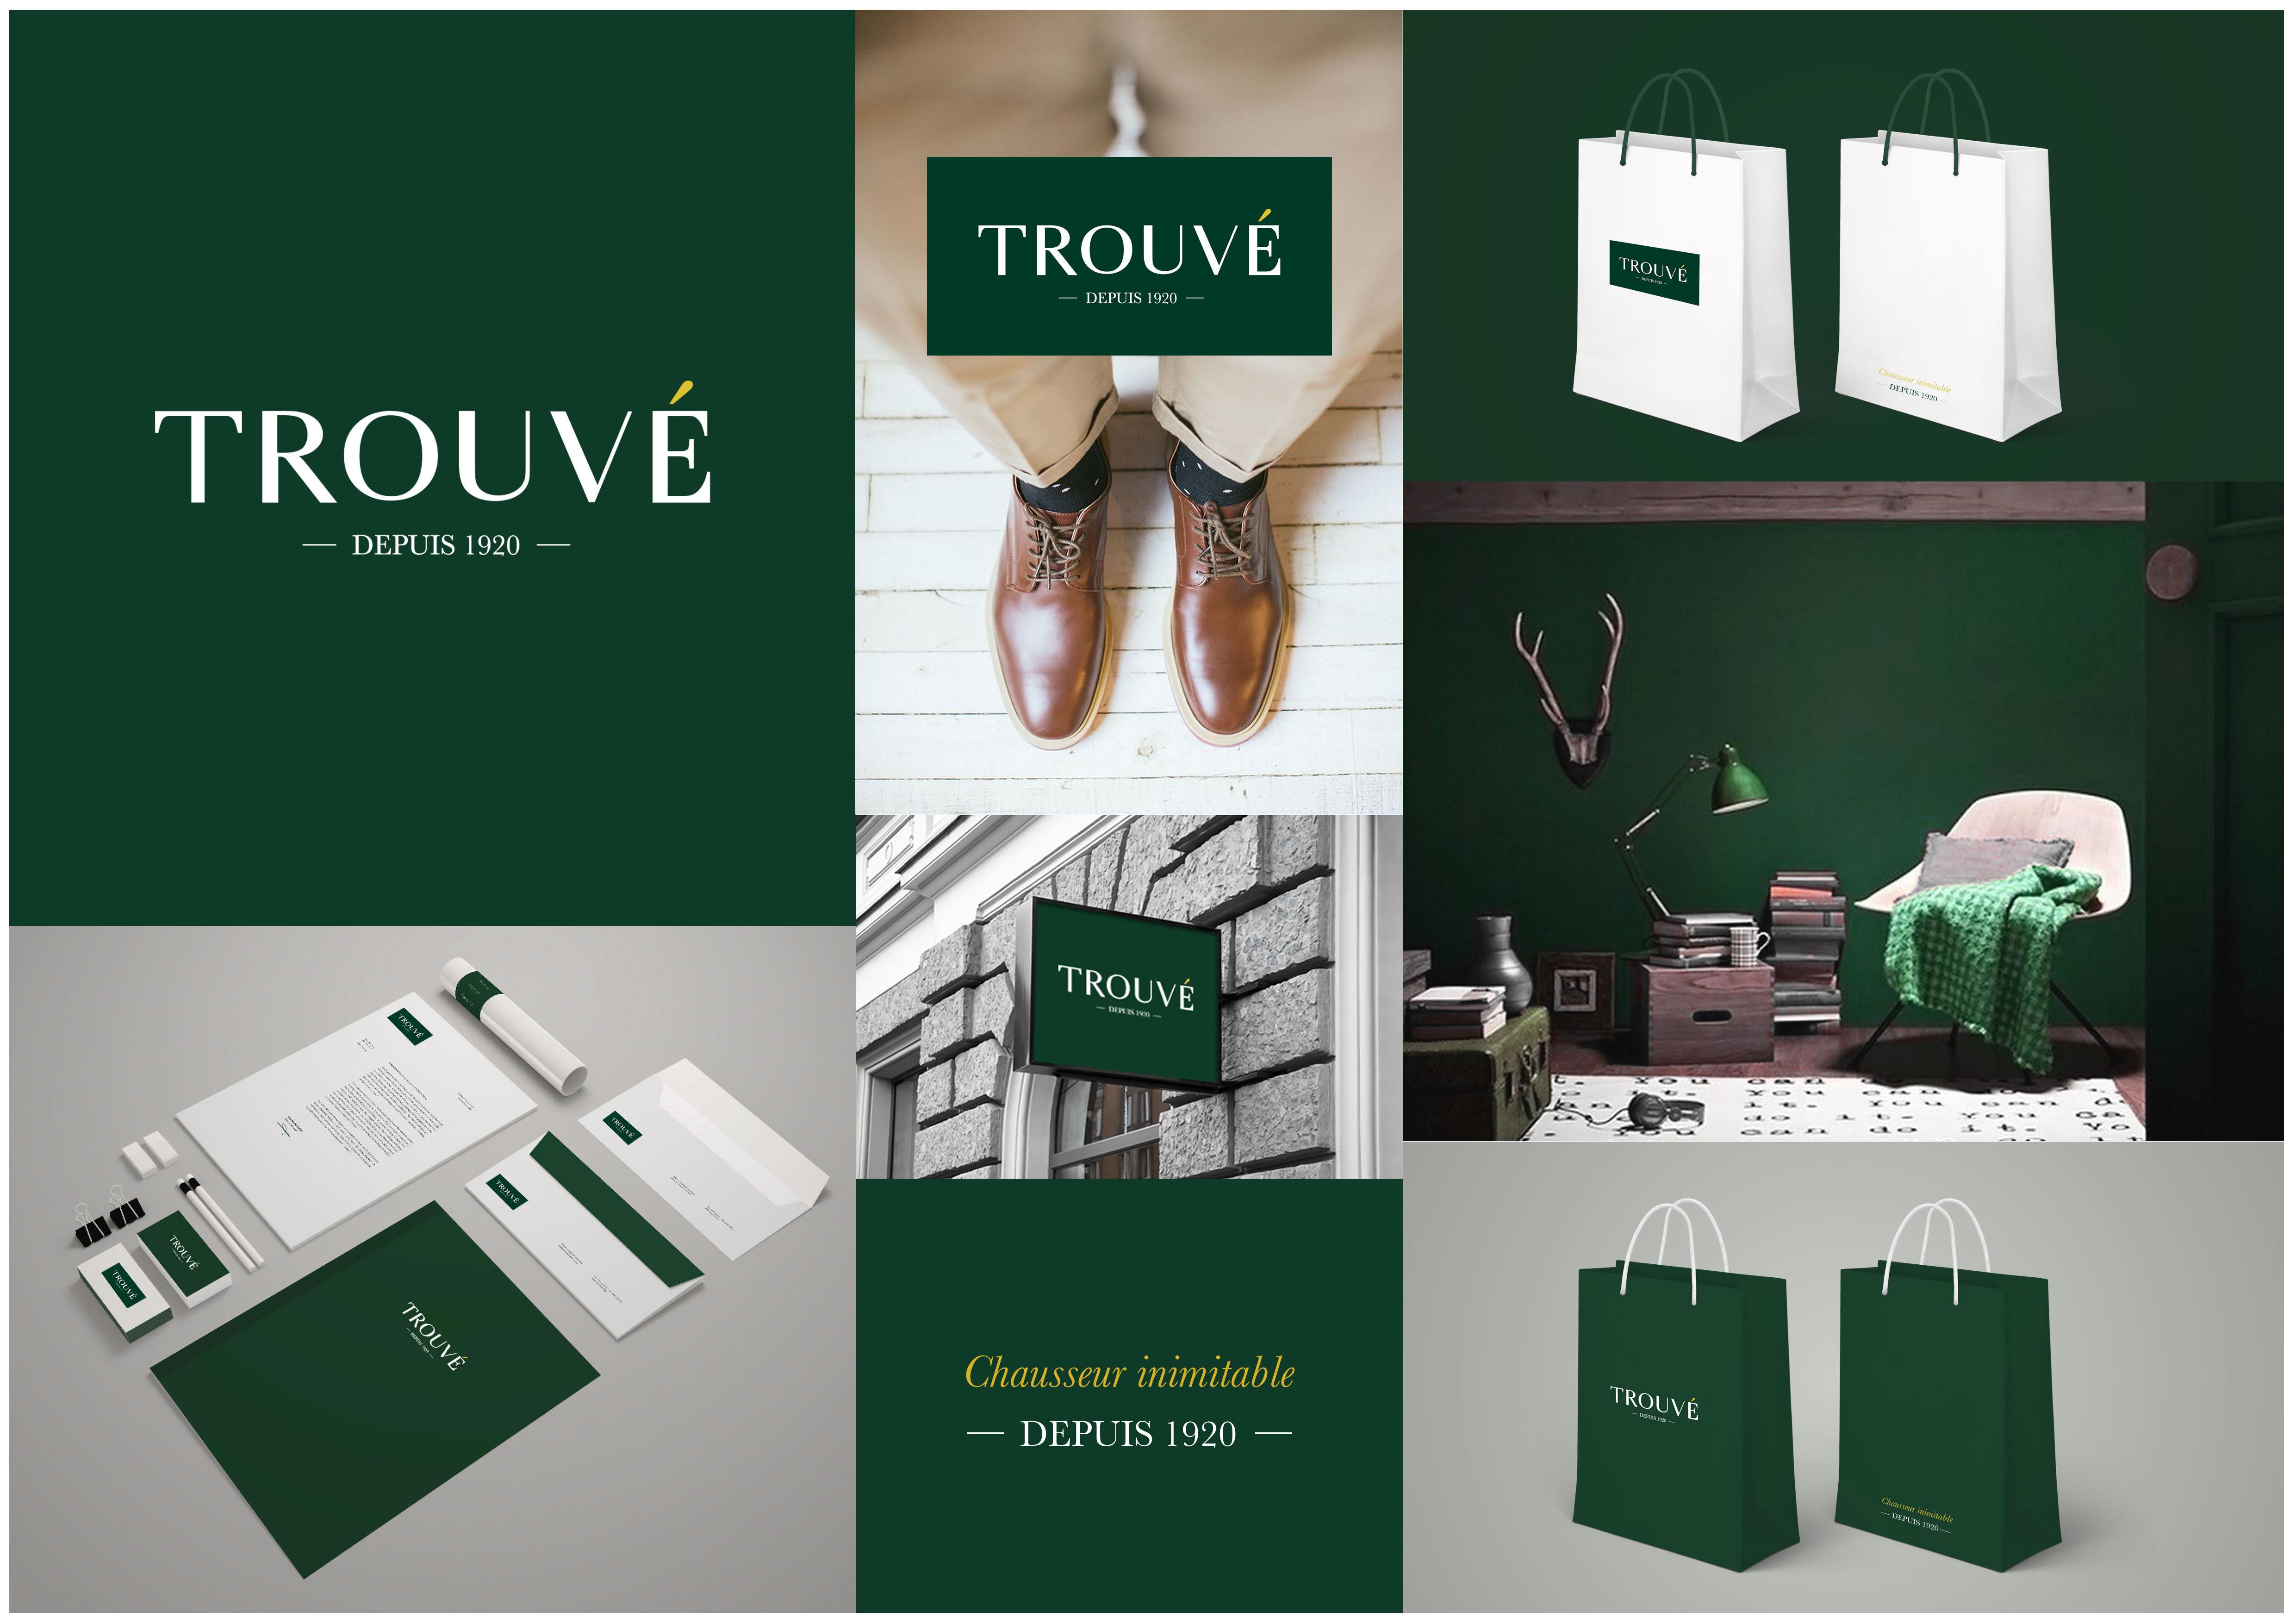 Galerie d'image - TROUVE CHAUSSEUR